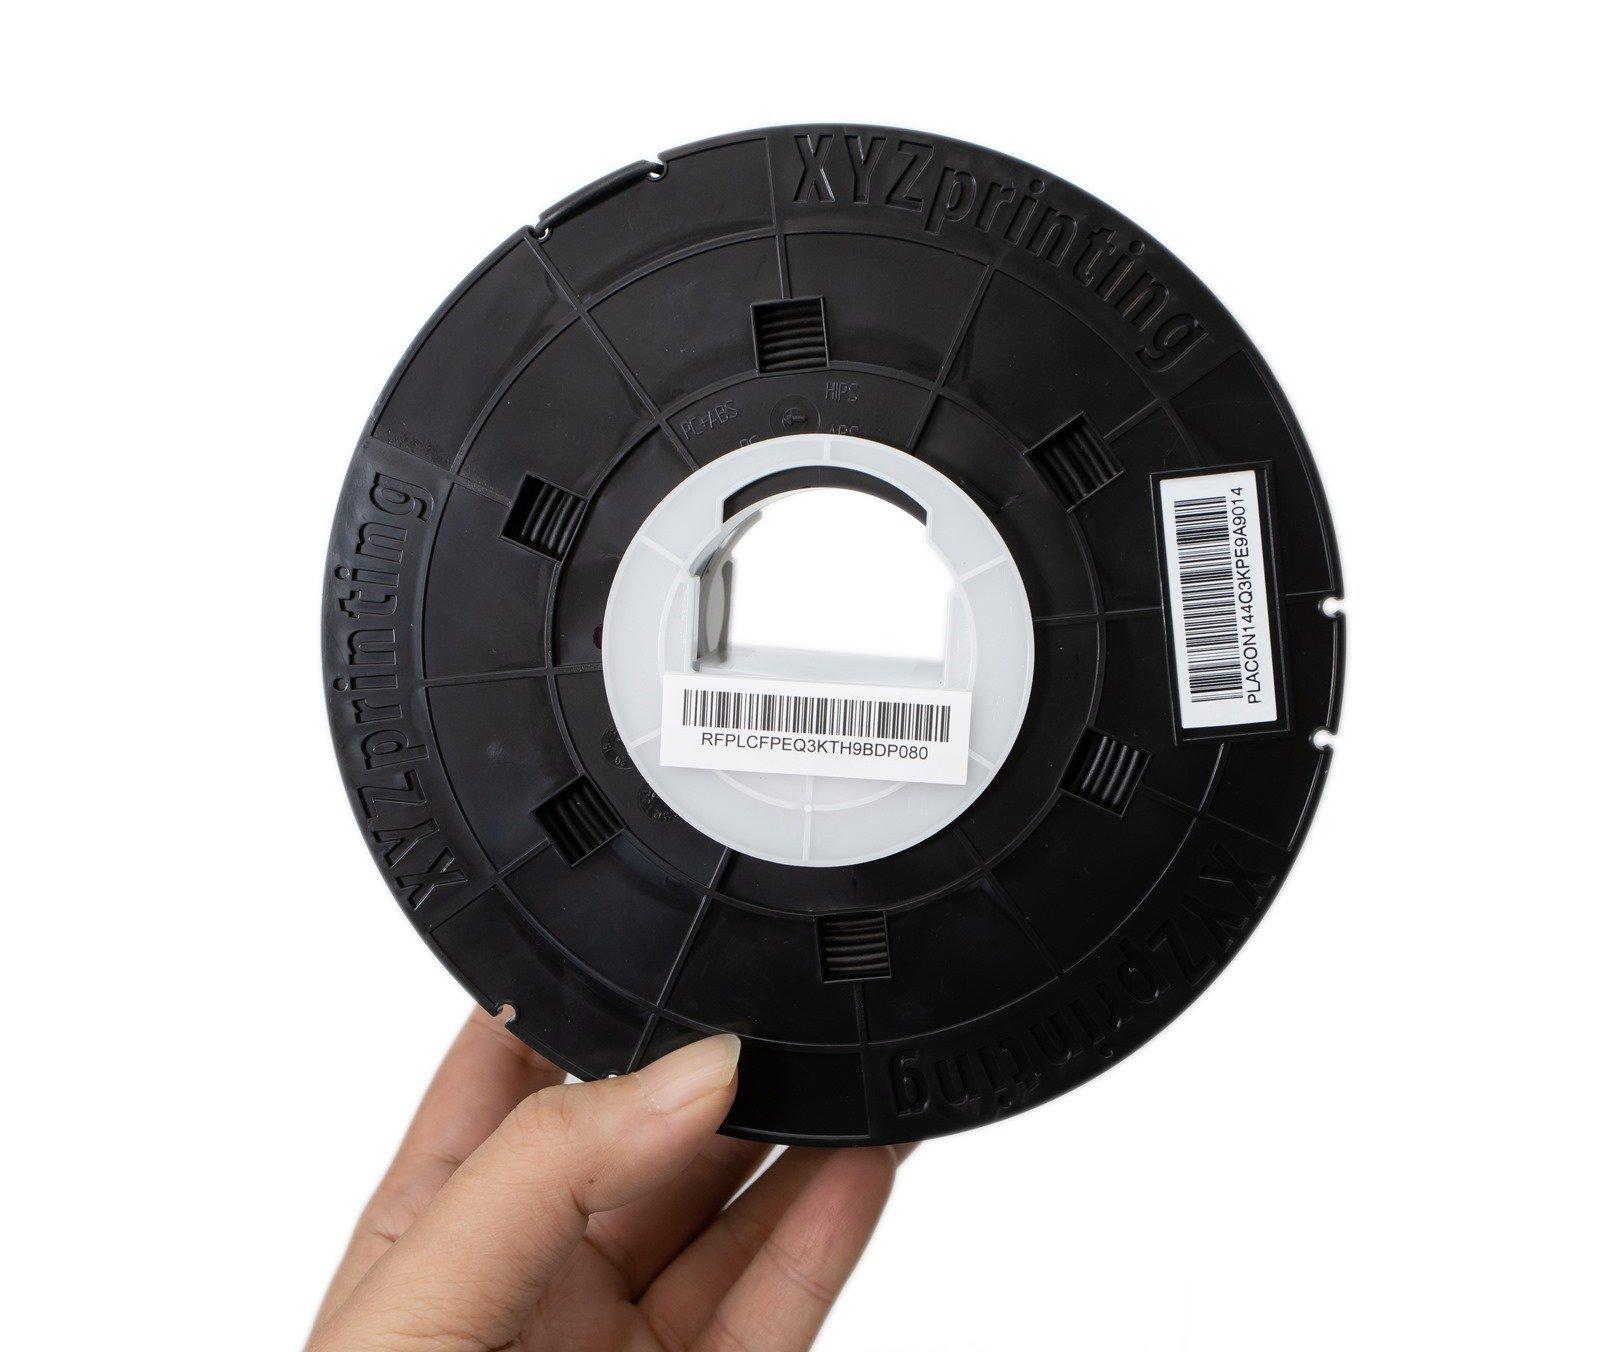 多功能3D列印機-da Vinci Jr. Pro X+的原廠線材有NFC晶片在其線材軸,可讓機器透過讀取晶片偵測線材剩餘量以及自動調整最適合的參數設定